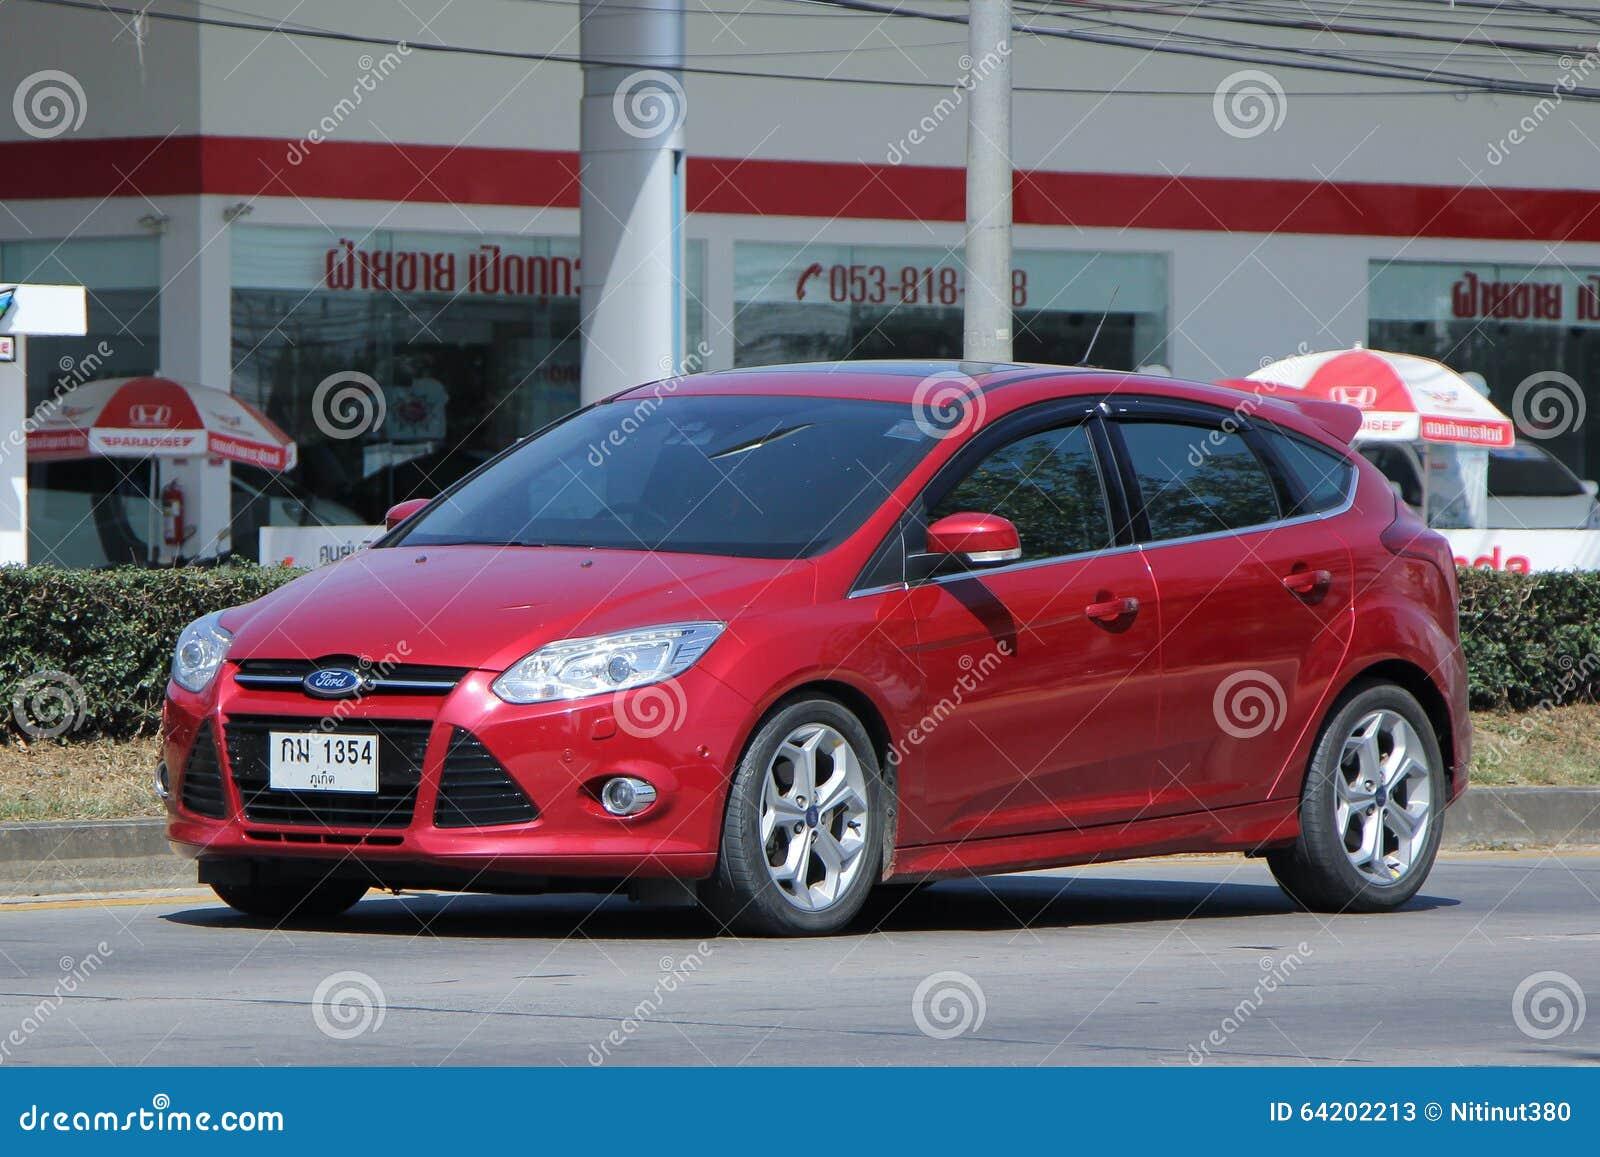 Coche privado, Ford Focus